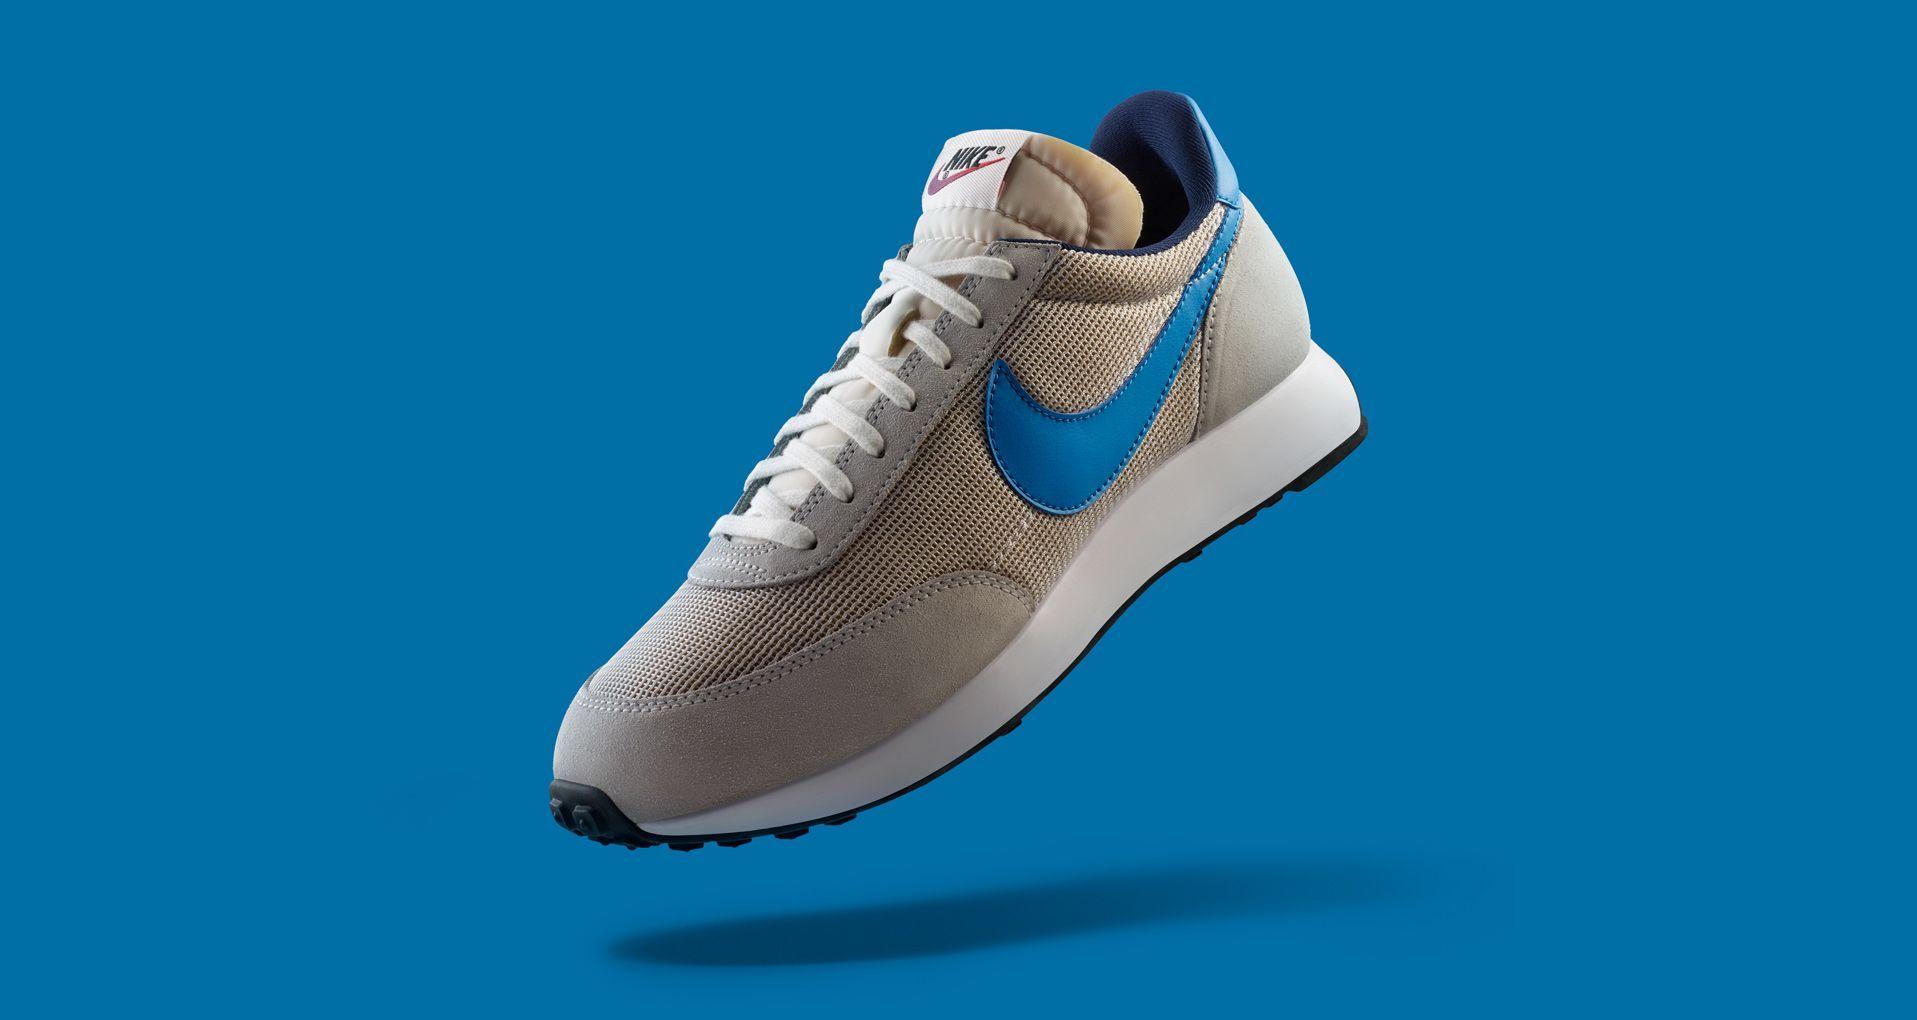 Nike Air Tailwind 79 'Vast Grey \u0026 Light